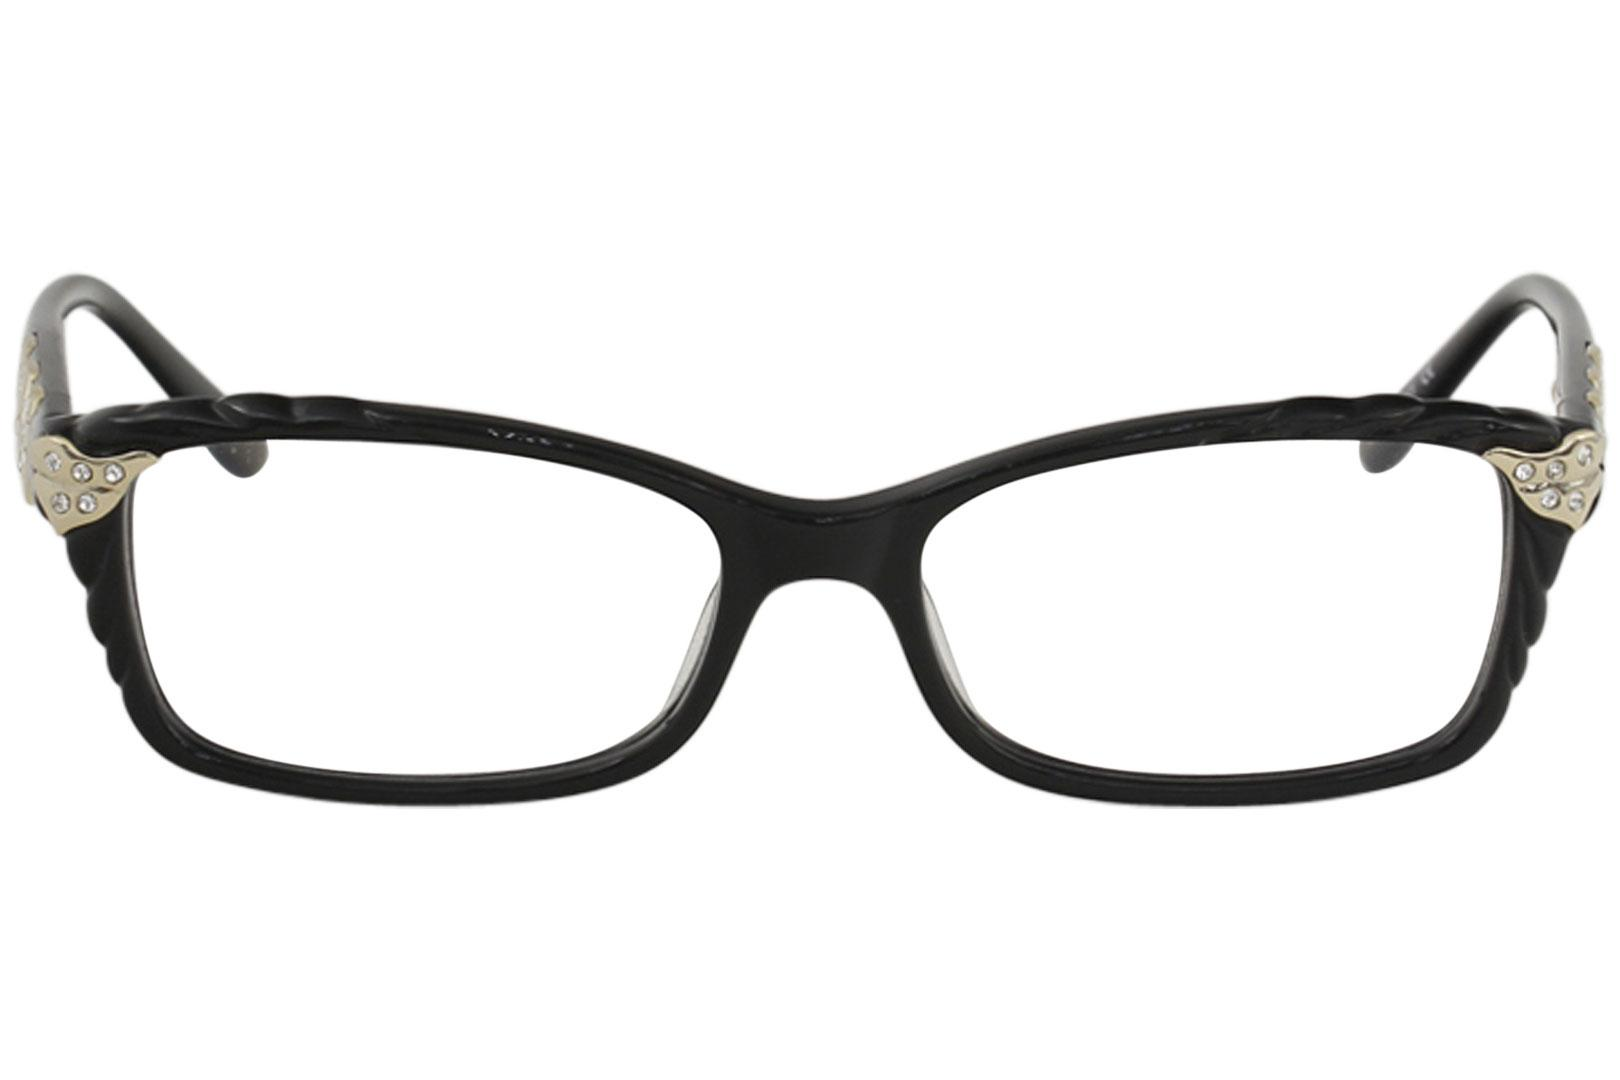 5eb5cfb0ec5 Diva Women s Eyeglasses 5479 Full Rim Optical Frame by Diva. 12345